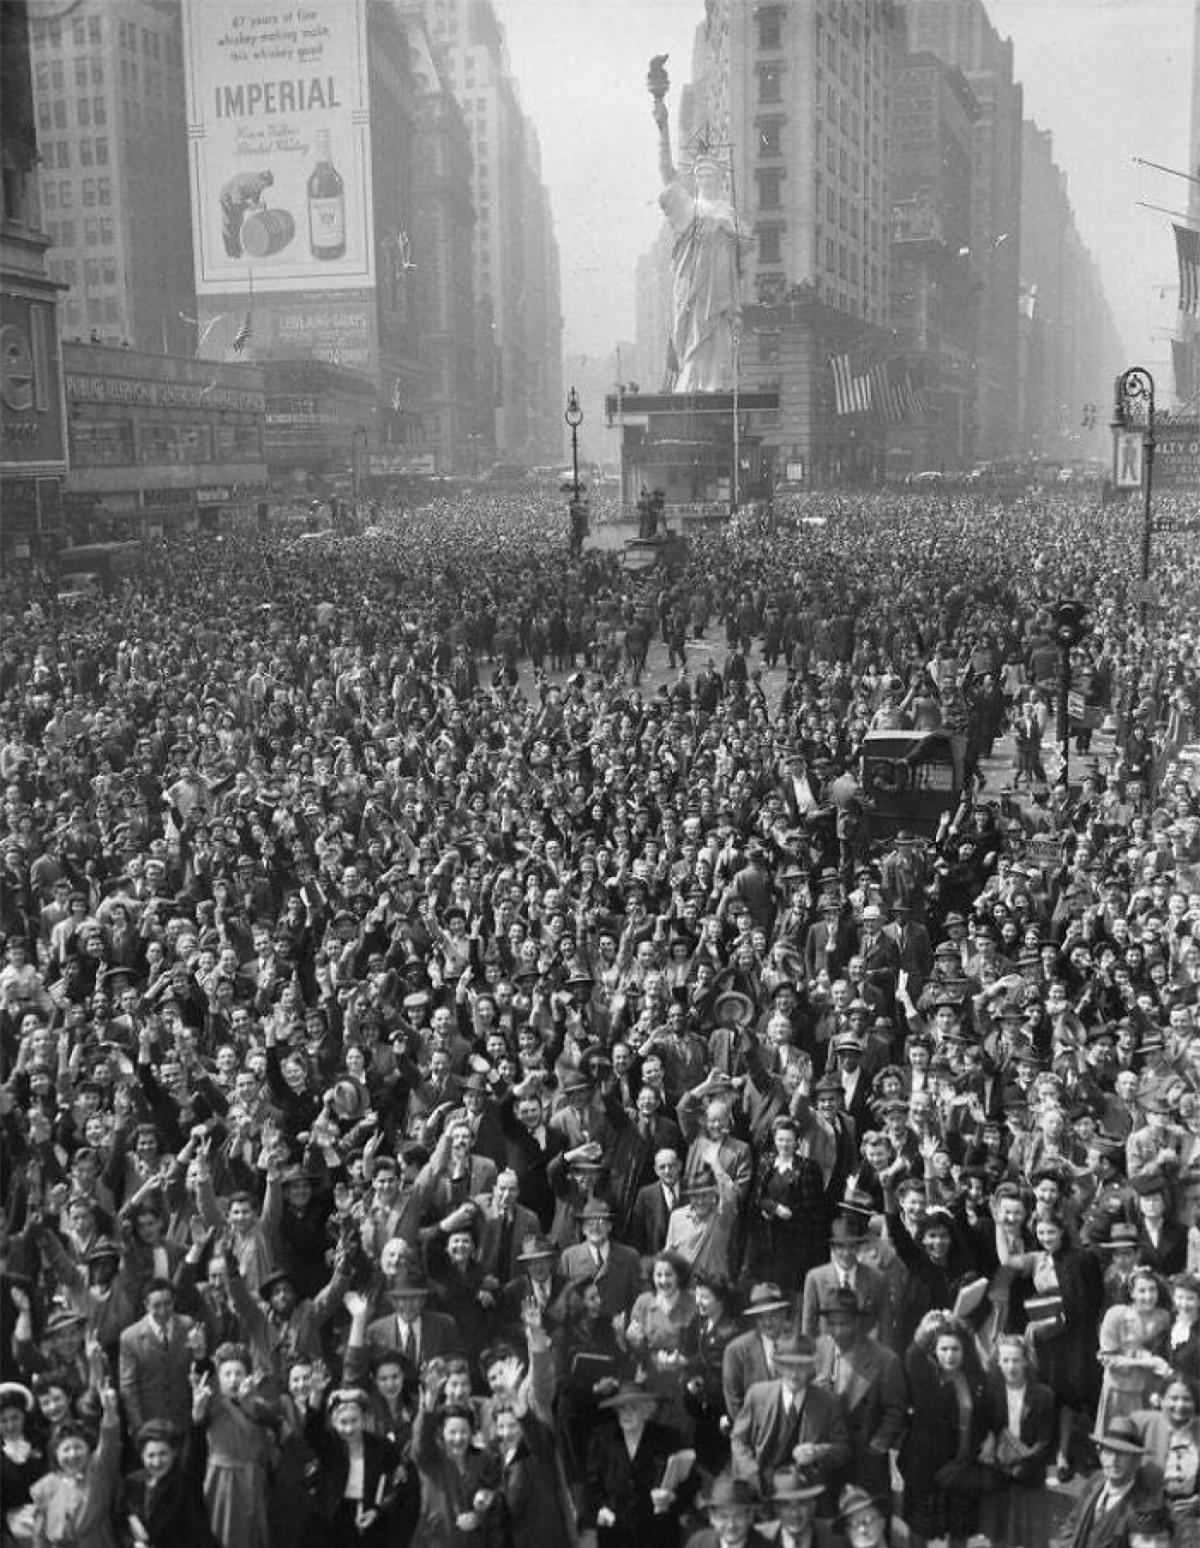 Đám đông ở Quảng trường Thời đại, thành phố New York ăn mừng quân Đức đầu hàng ngày 7/5/1945.